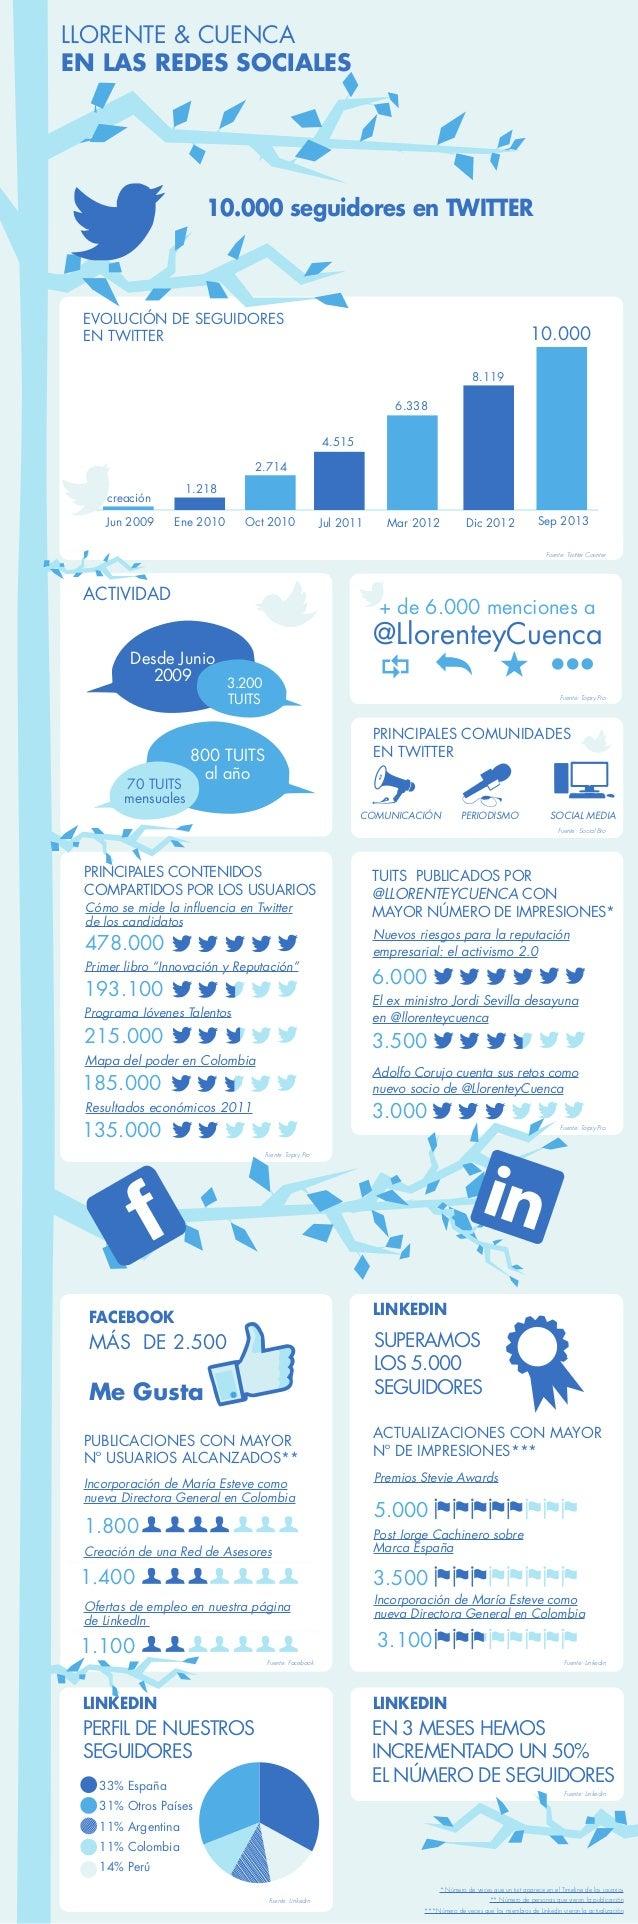 https://www.facebook.com/llorenteycuenca/posts/10151511635080009 https://www.facebook.com/llorenteycuenca?sk=page_insights...